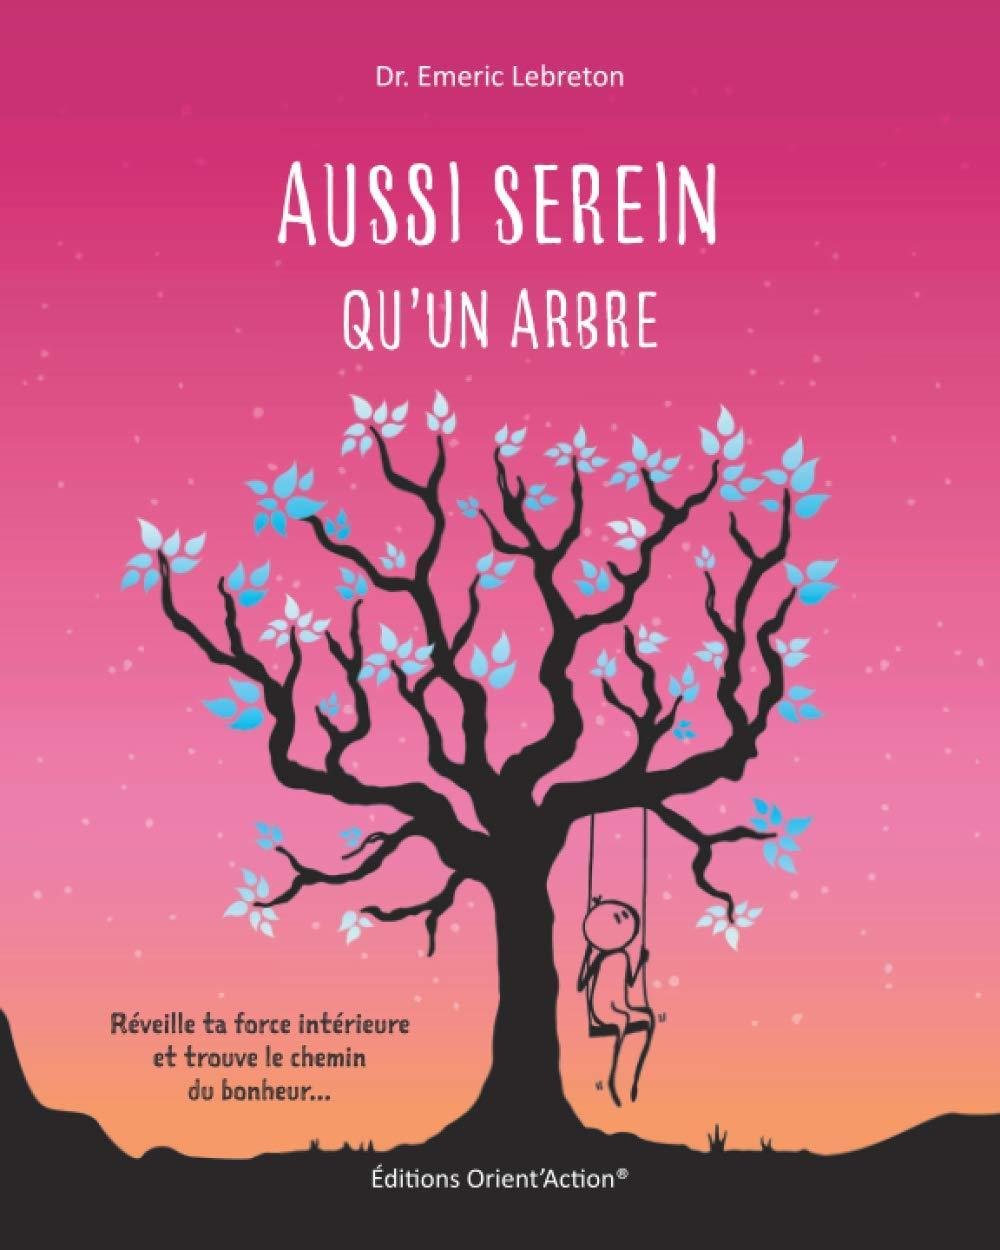 livre-aussi-serein-qu-un-arbre-emeric-lebreton